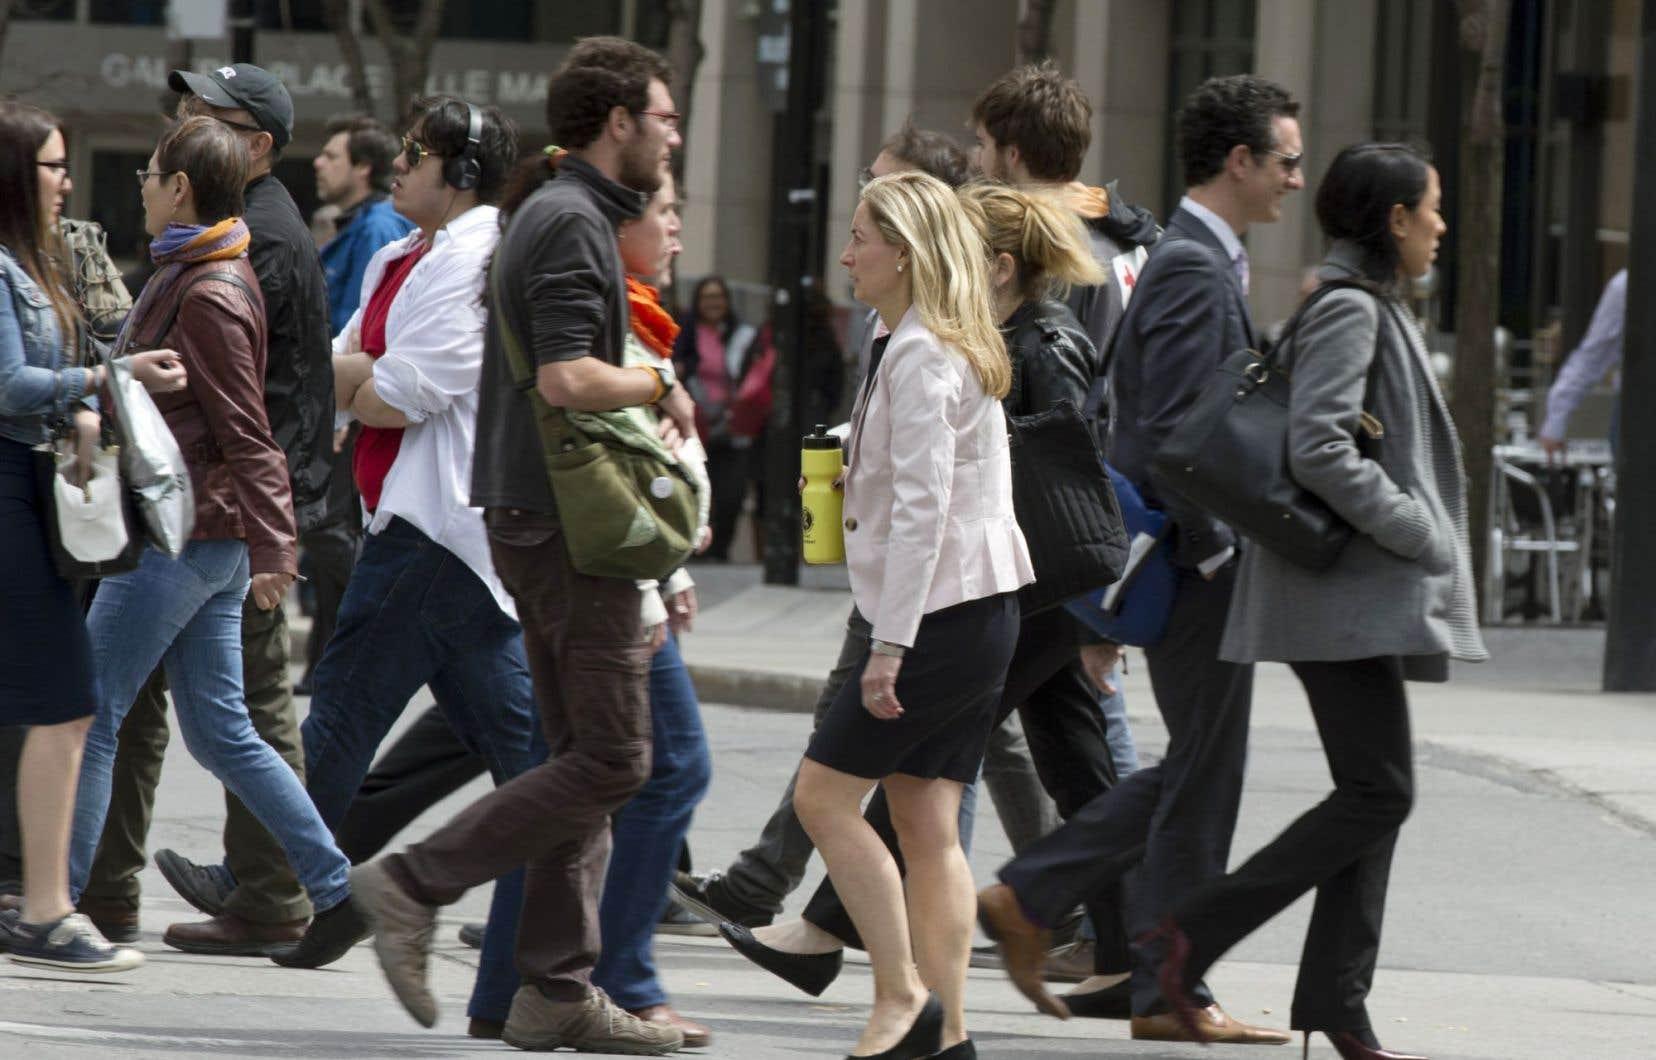 Le niveau d'endettement des ménages est considéré comme l'un des principaux facteurs de risque économique au Canada depuis plusieurs années déjà.